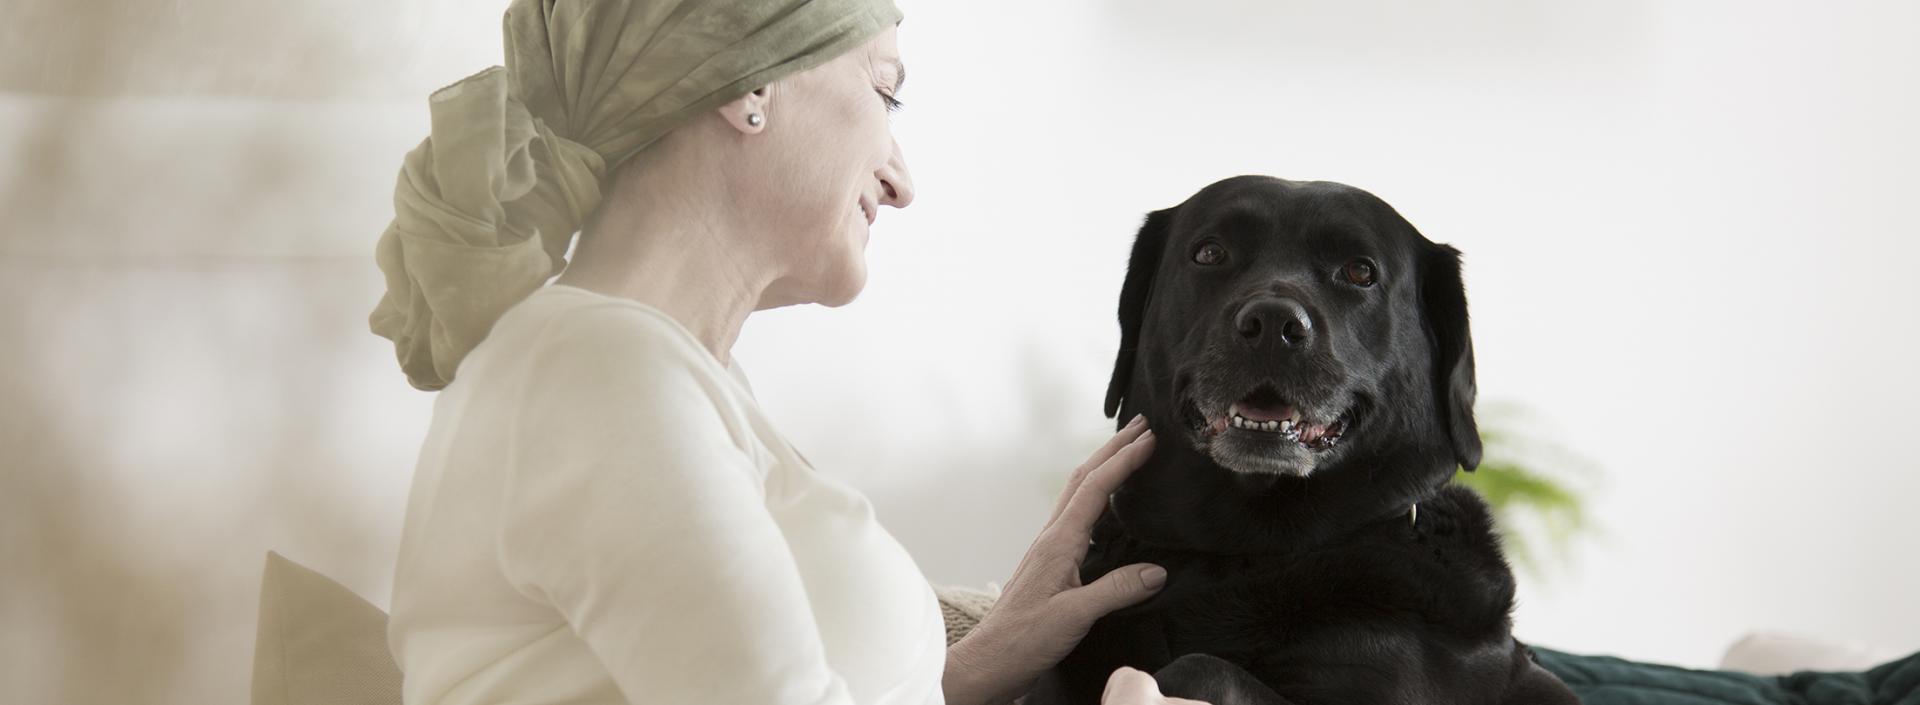 Especialização Avançada em Terapias Assistidas por Animais: da Psicologia à Psicoterapia